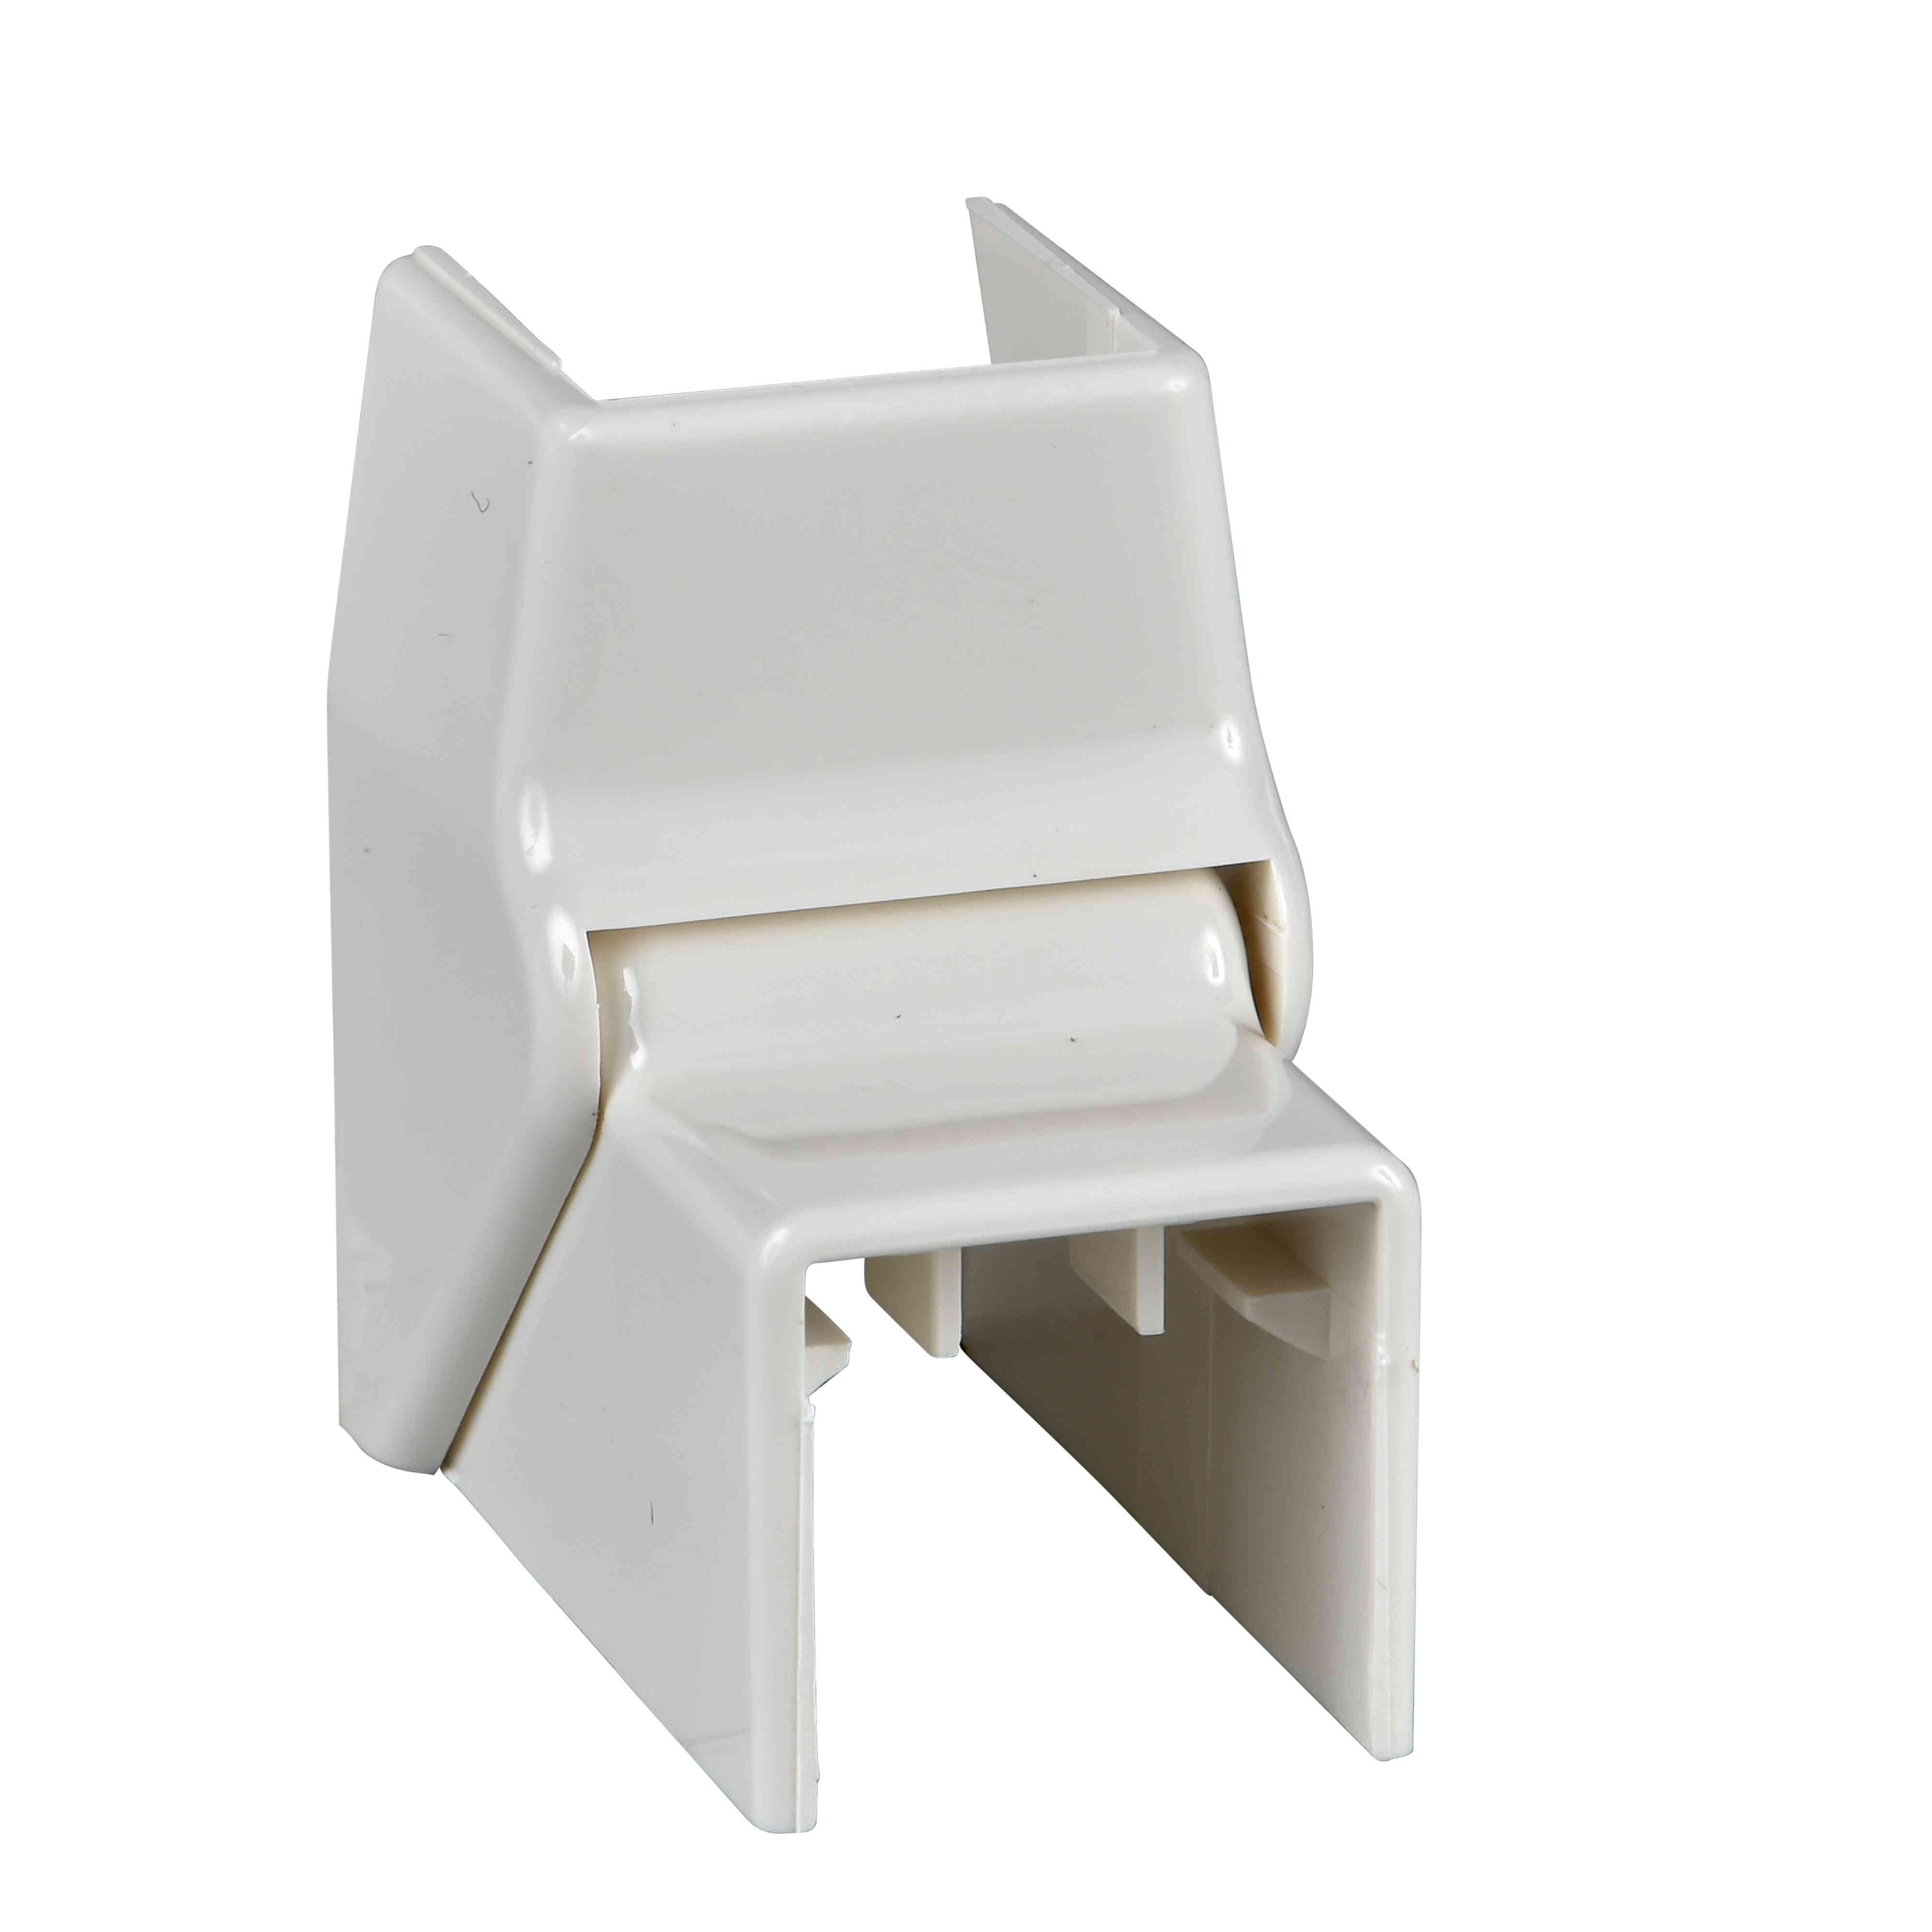 Ultra - prilagodljiv notranji kot - 40 x 16/25/40 mm - ABS - bel